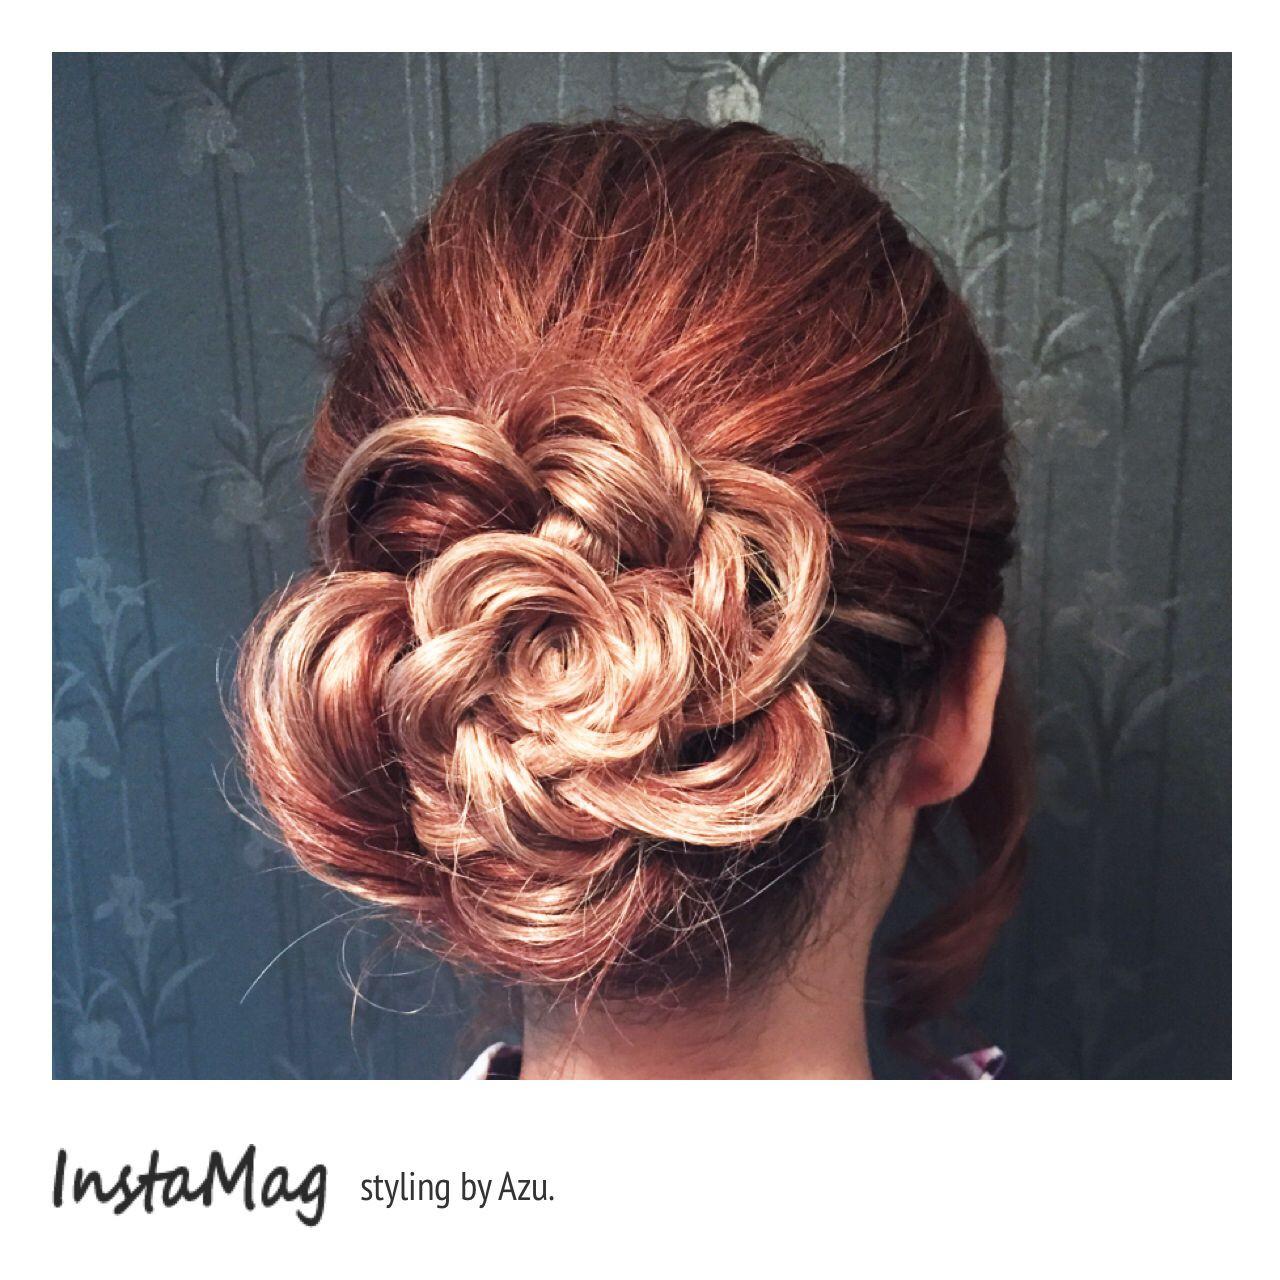 甘め ヘアアレンジ ナチュラル セミロング ヘアスタイルや髪型の写真・画像